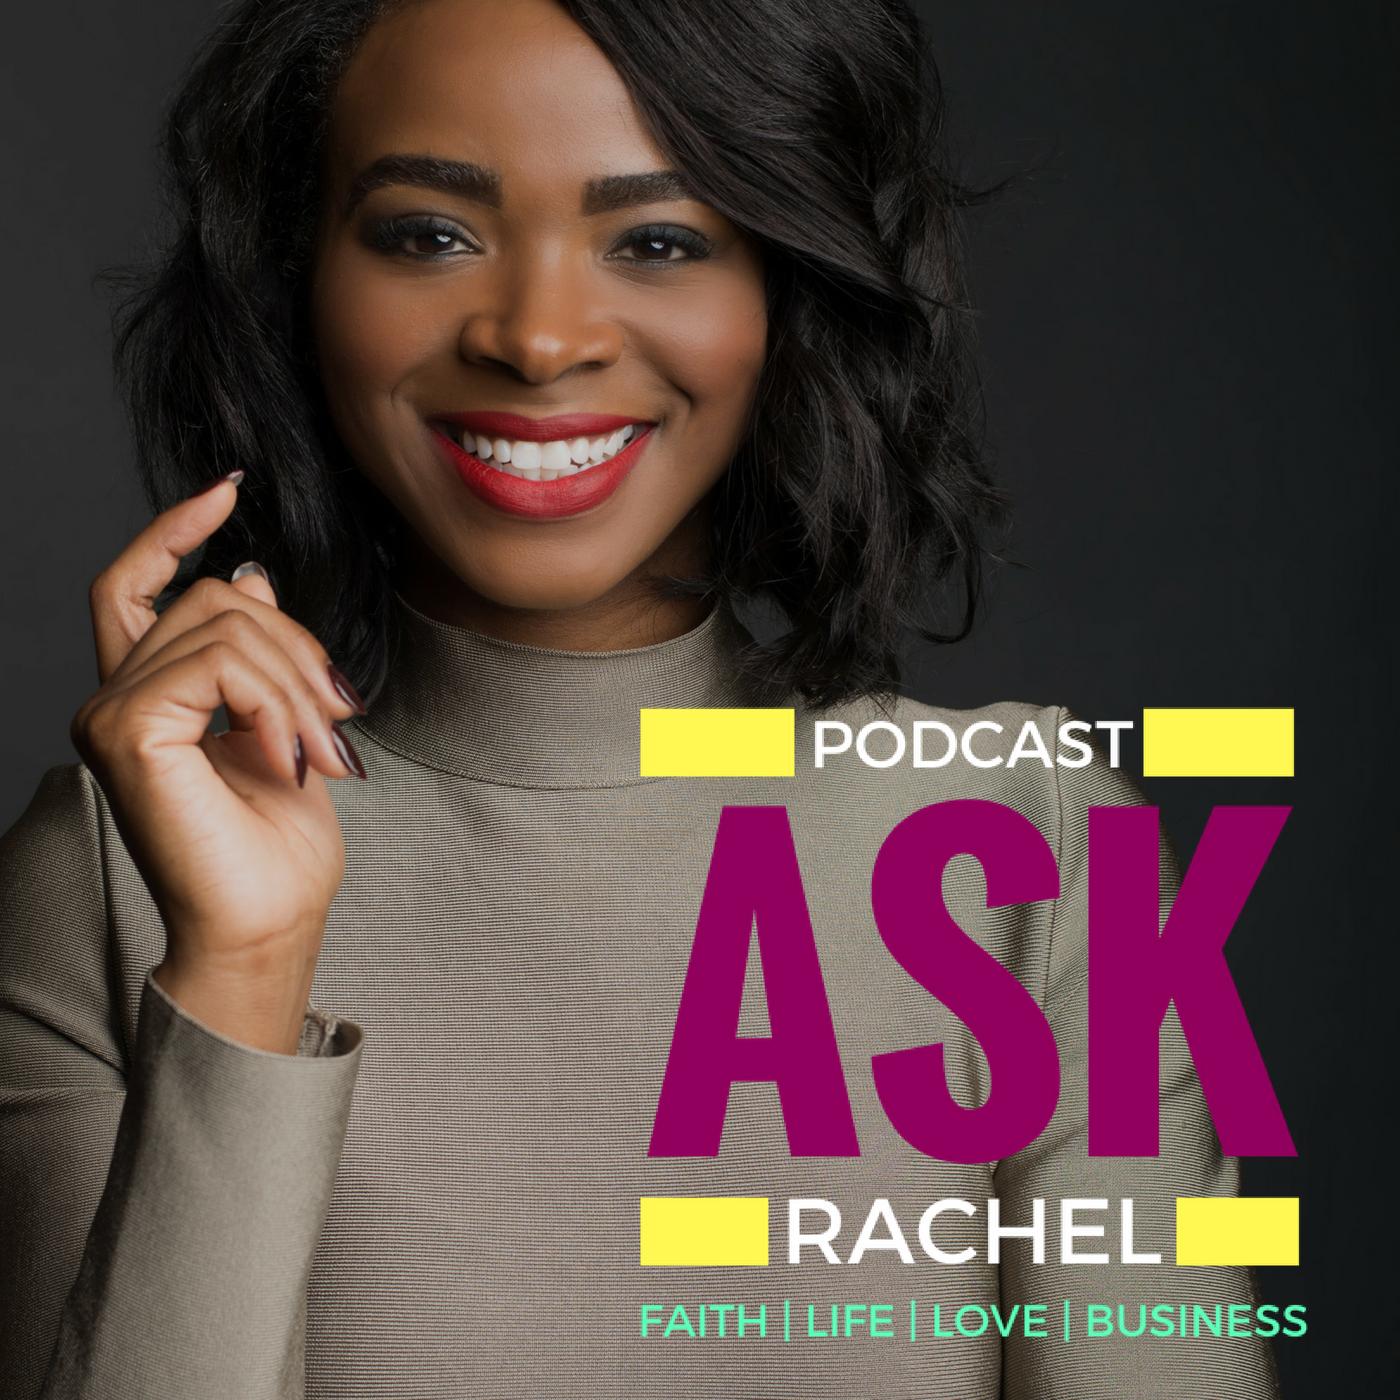 Ask Rachel Podcast: All About Faith, Life, Love & Business show art